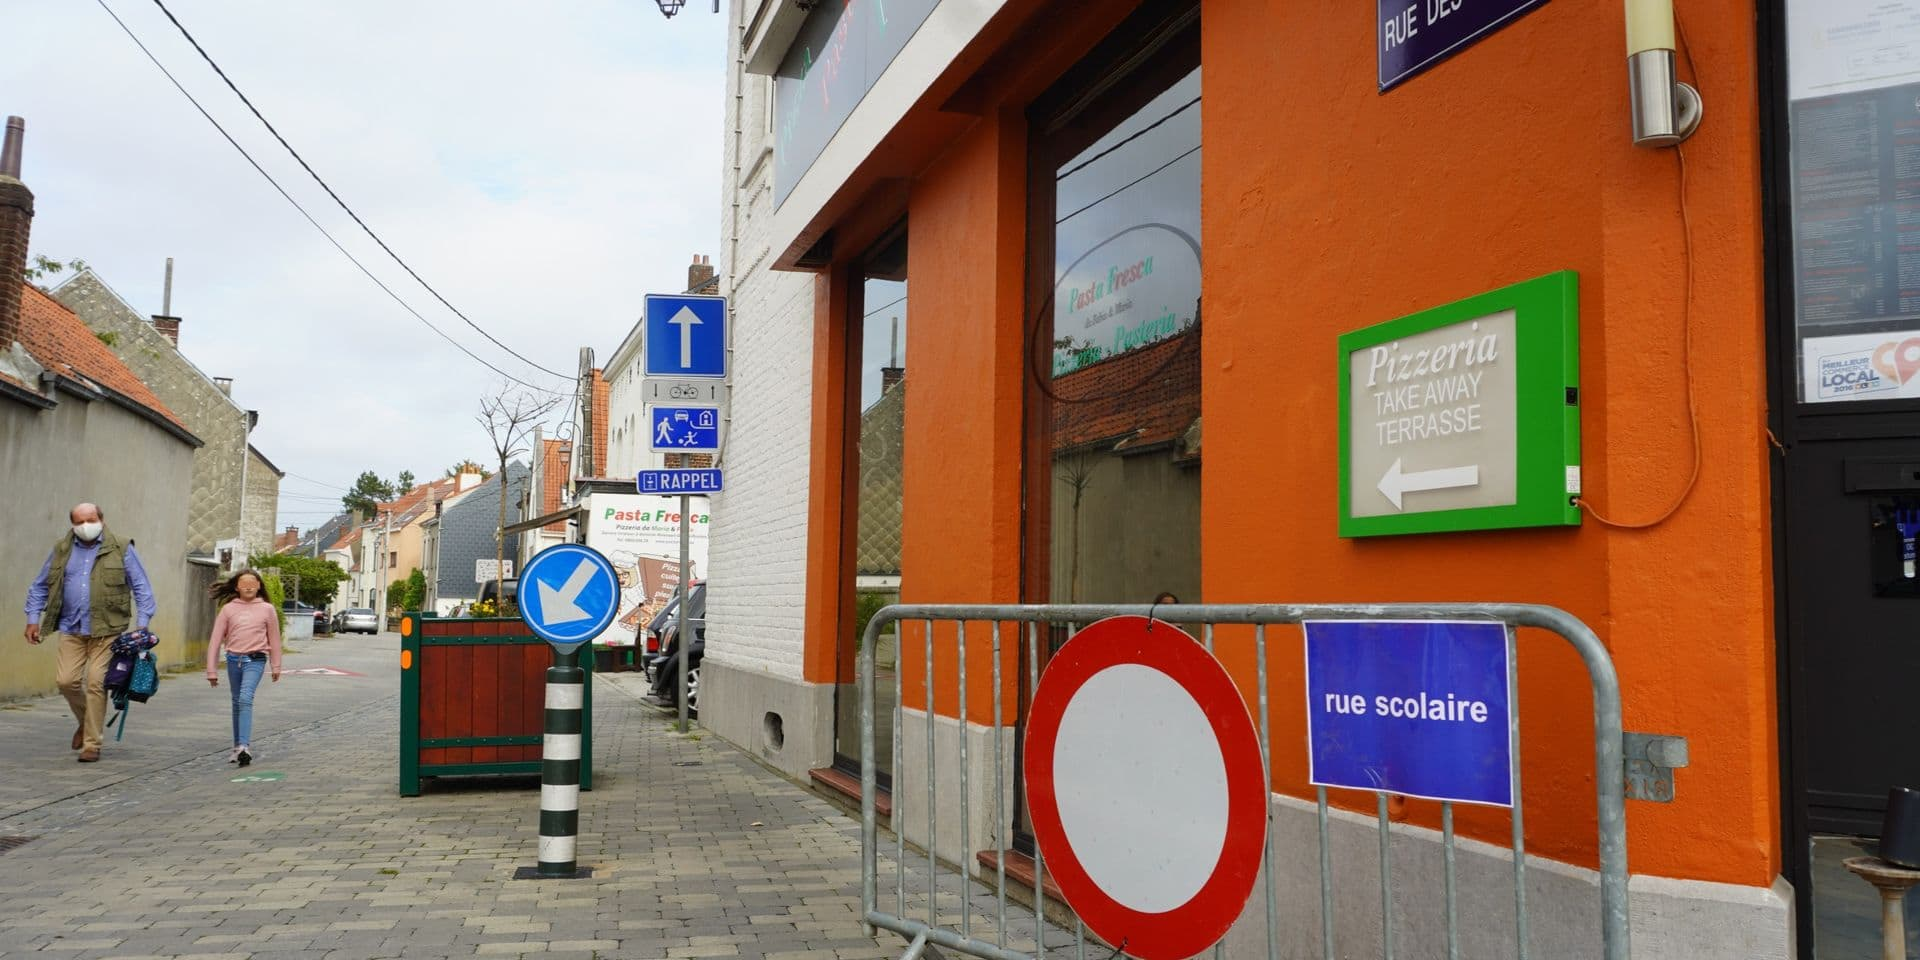 La rue des Écoles à Rixensart sera définitivement une rue scolaire